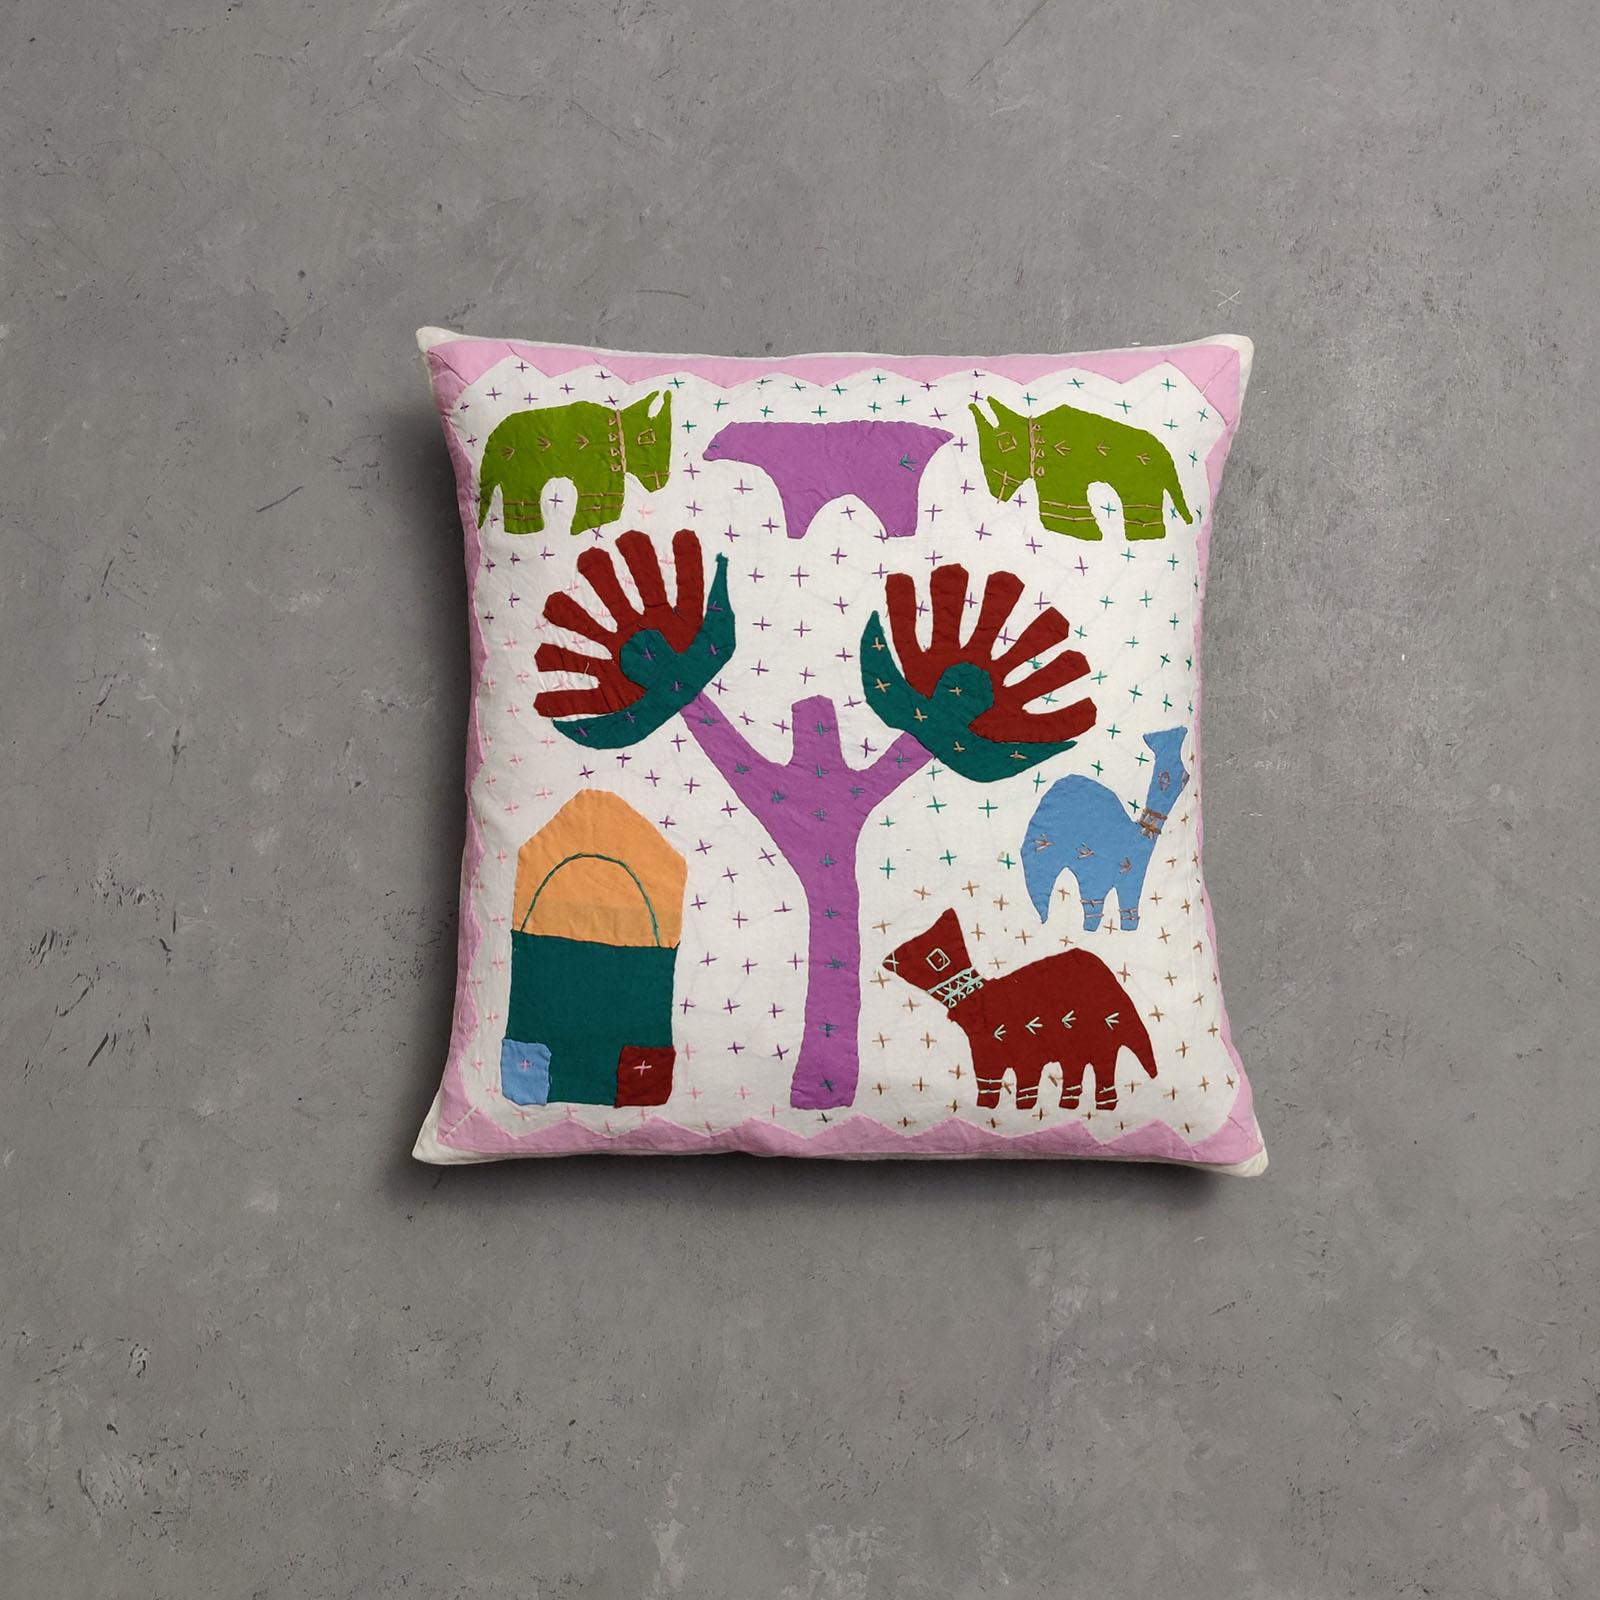 Applic Cushion Cover CC12